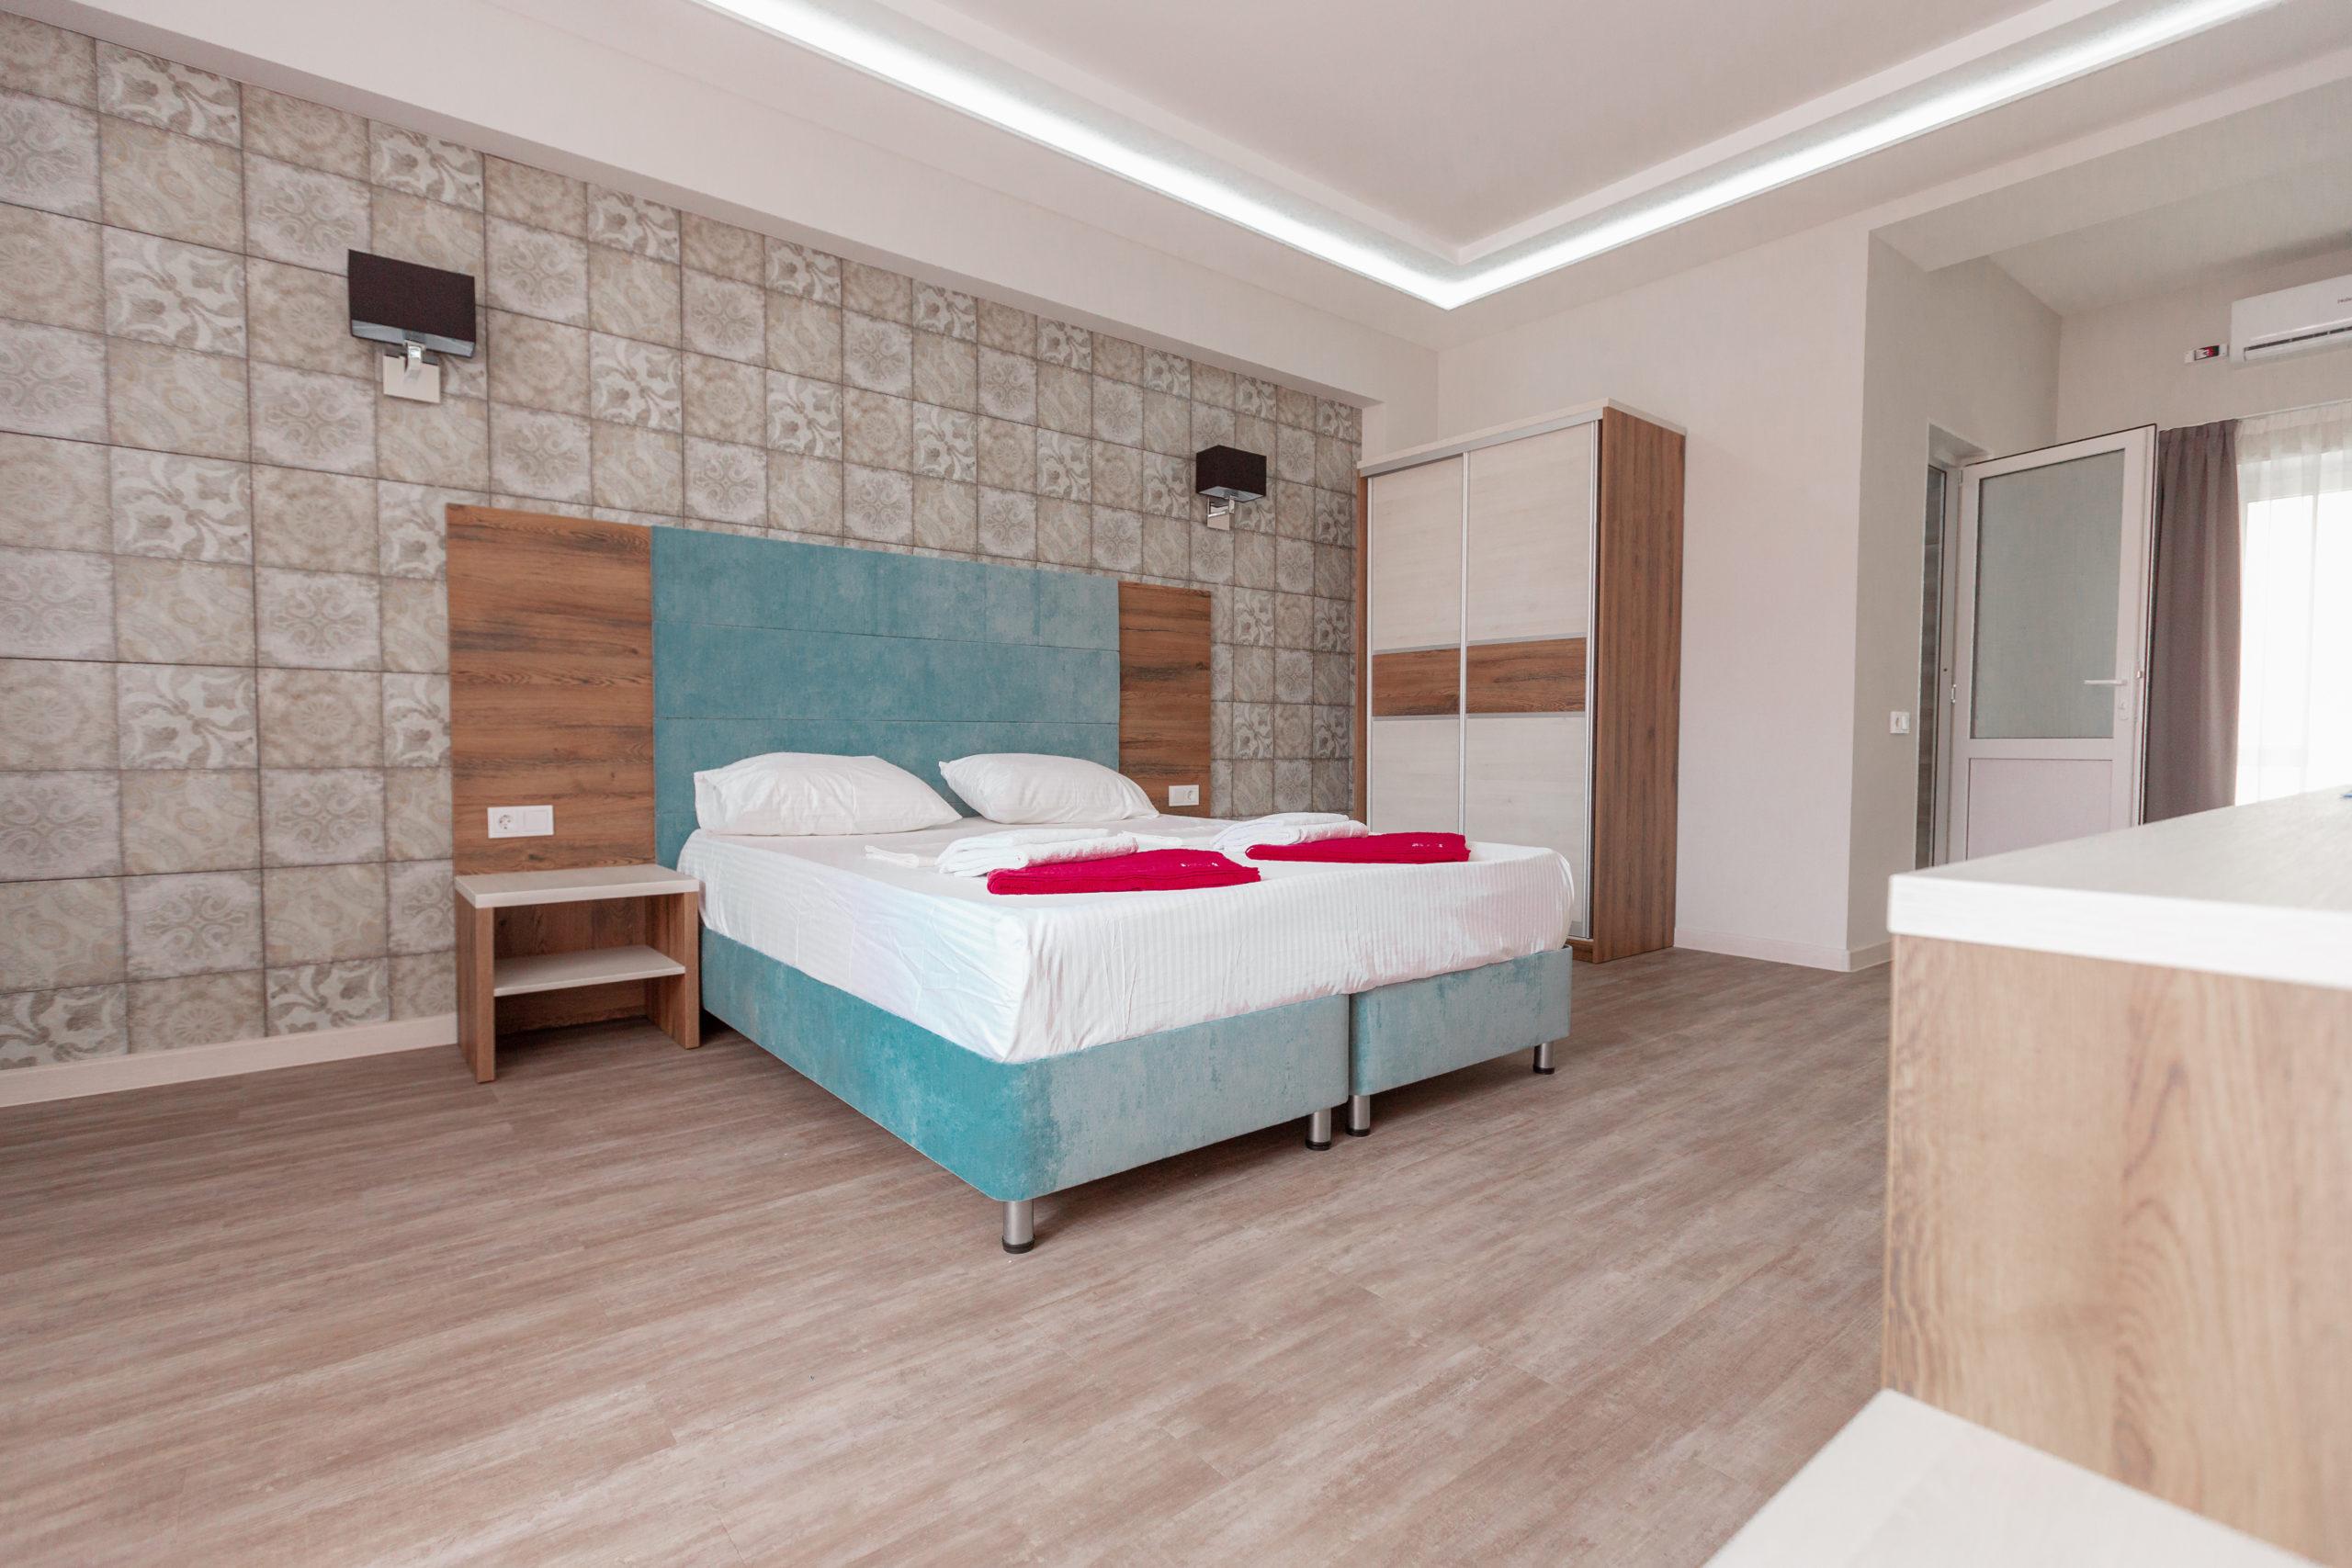 цены на отдых в гостевом доме в Заозерном